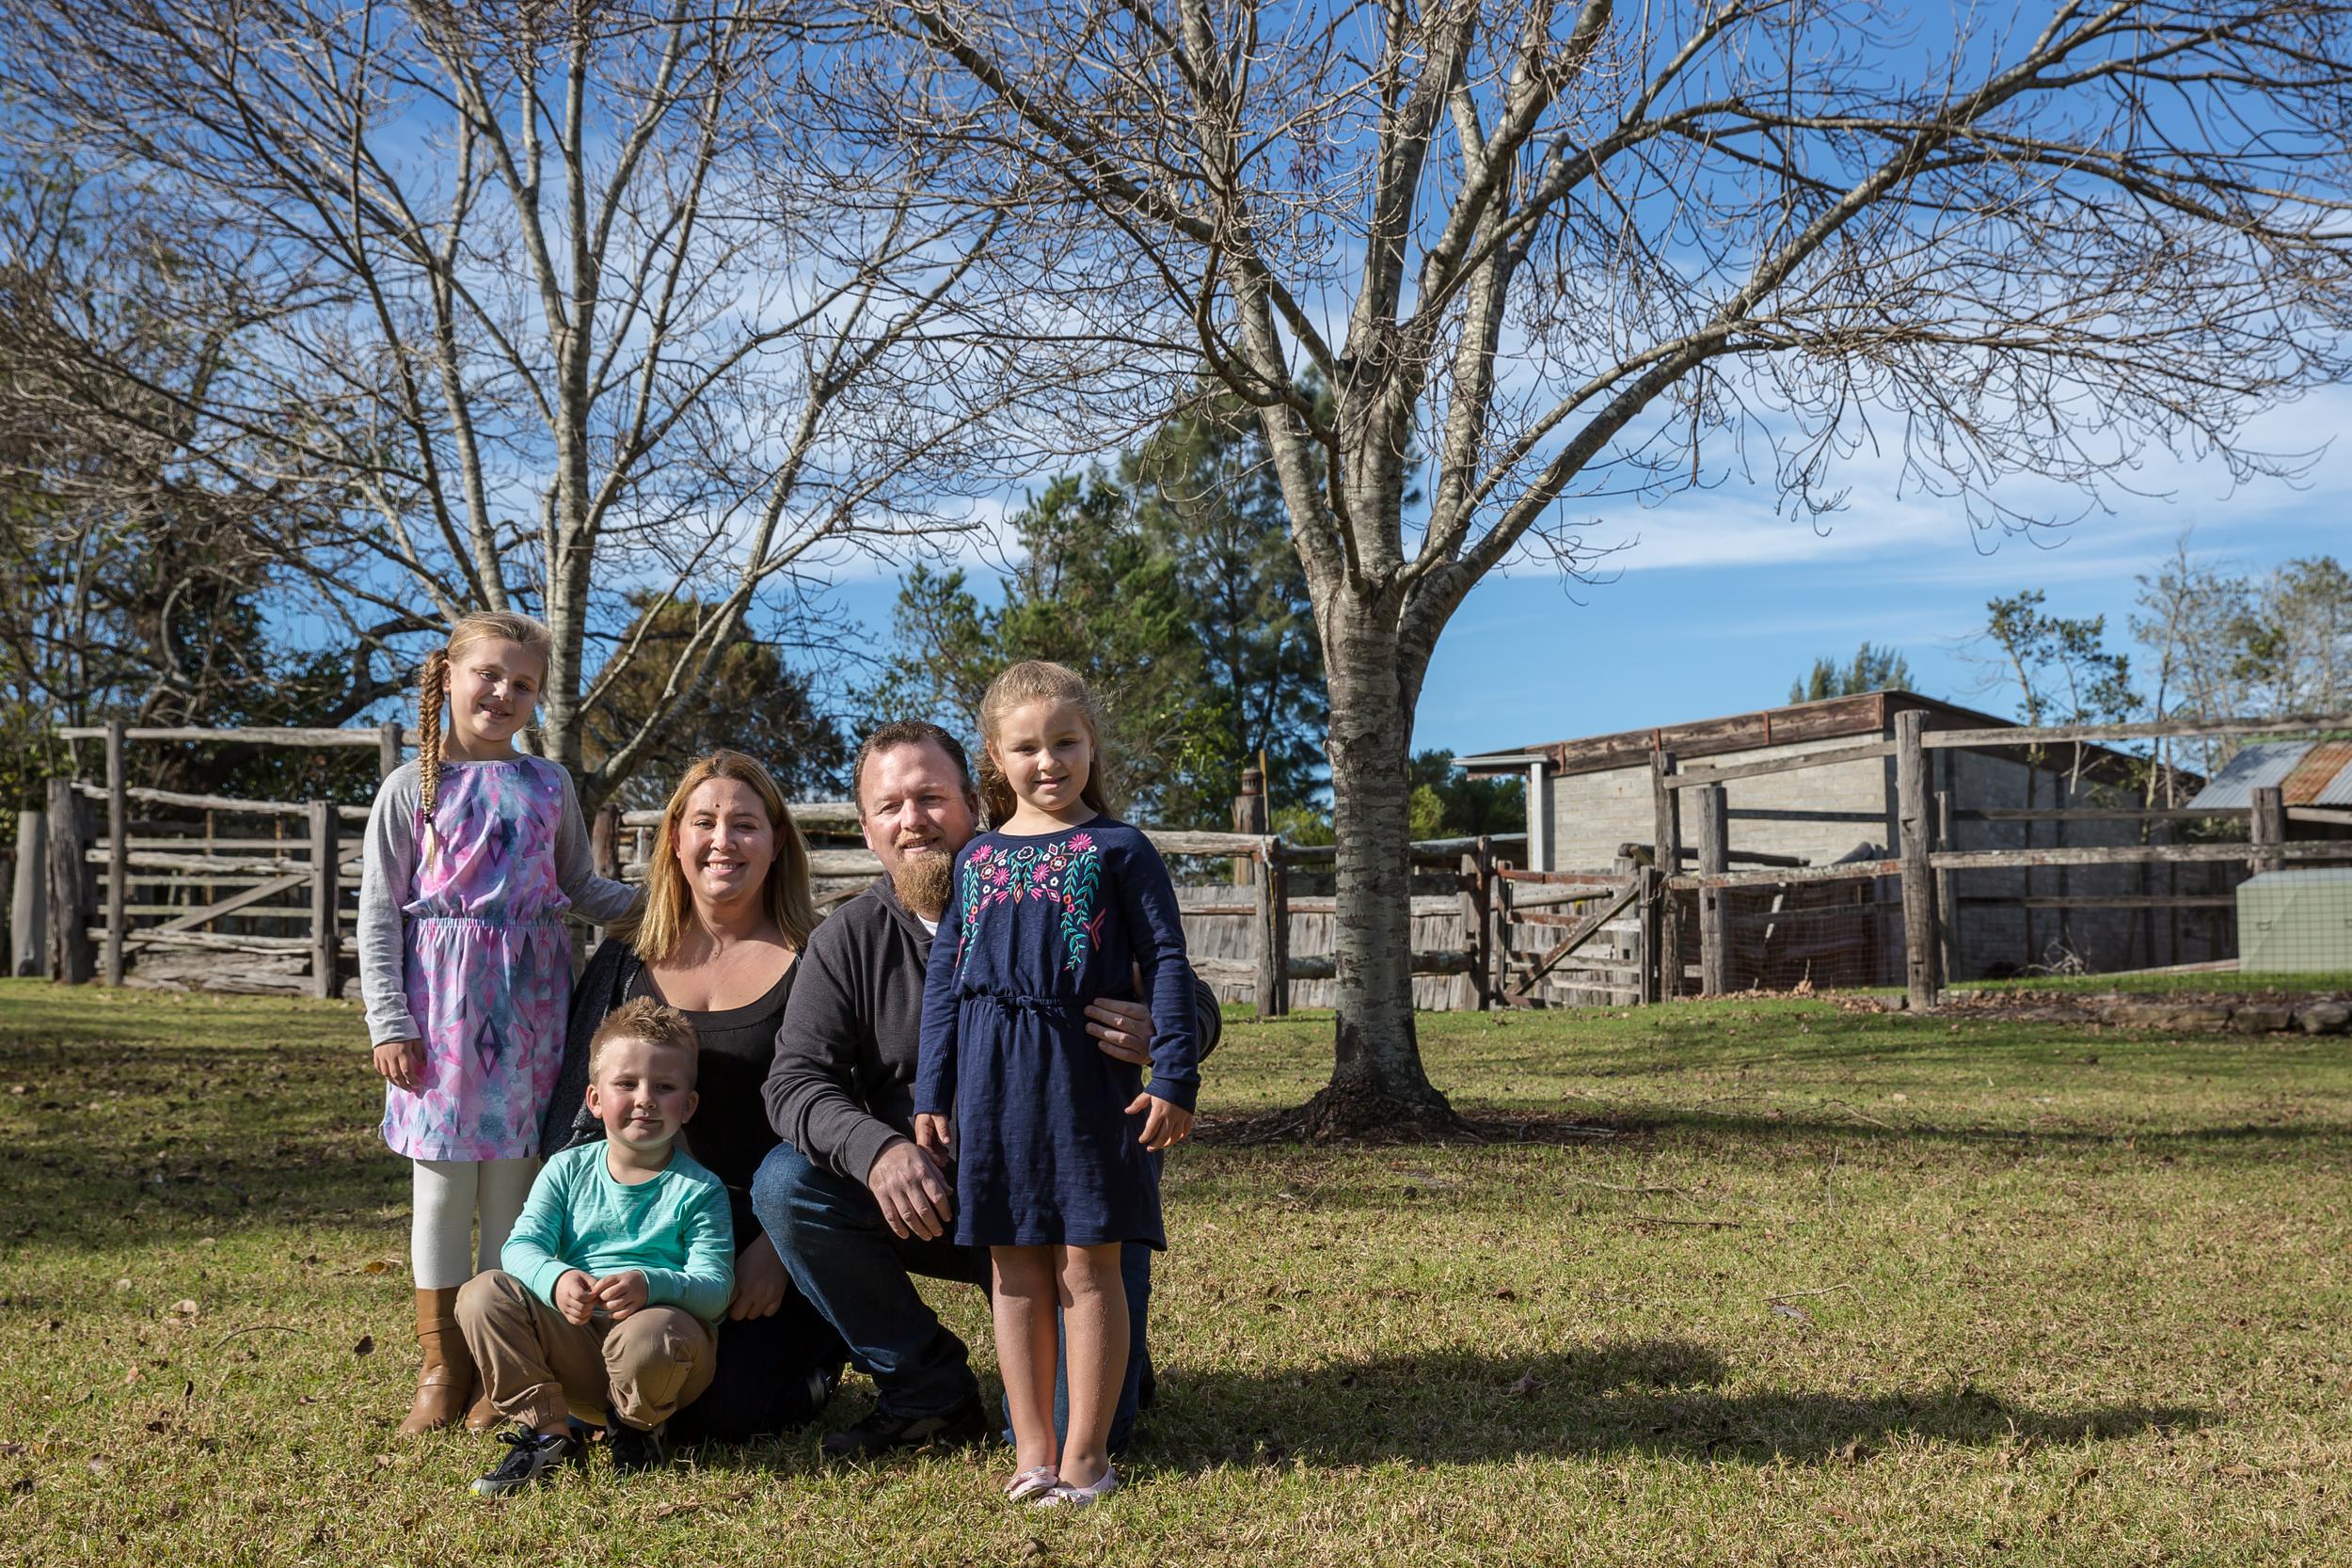 familyphotographypackagessydney